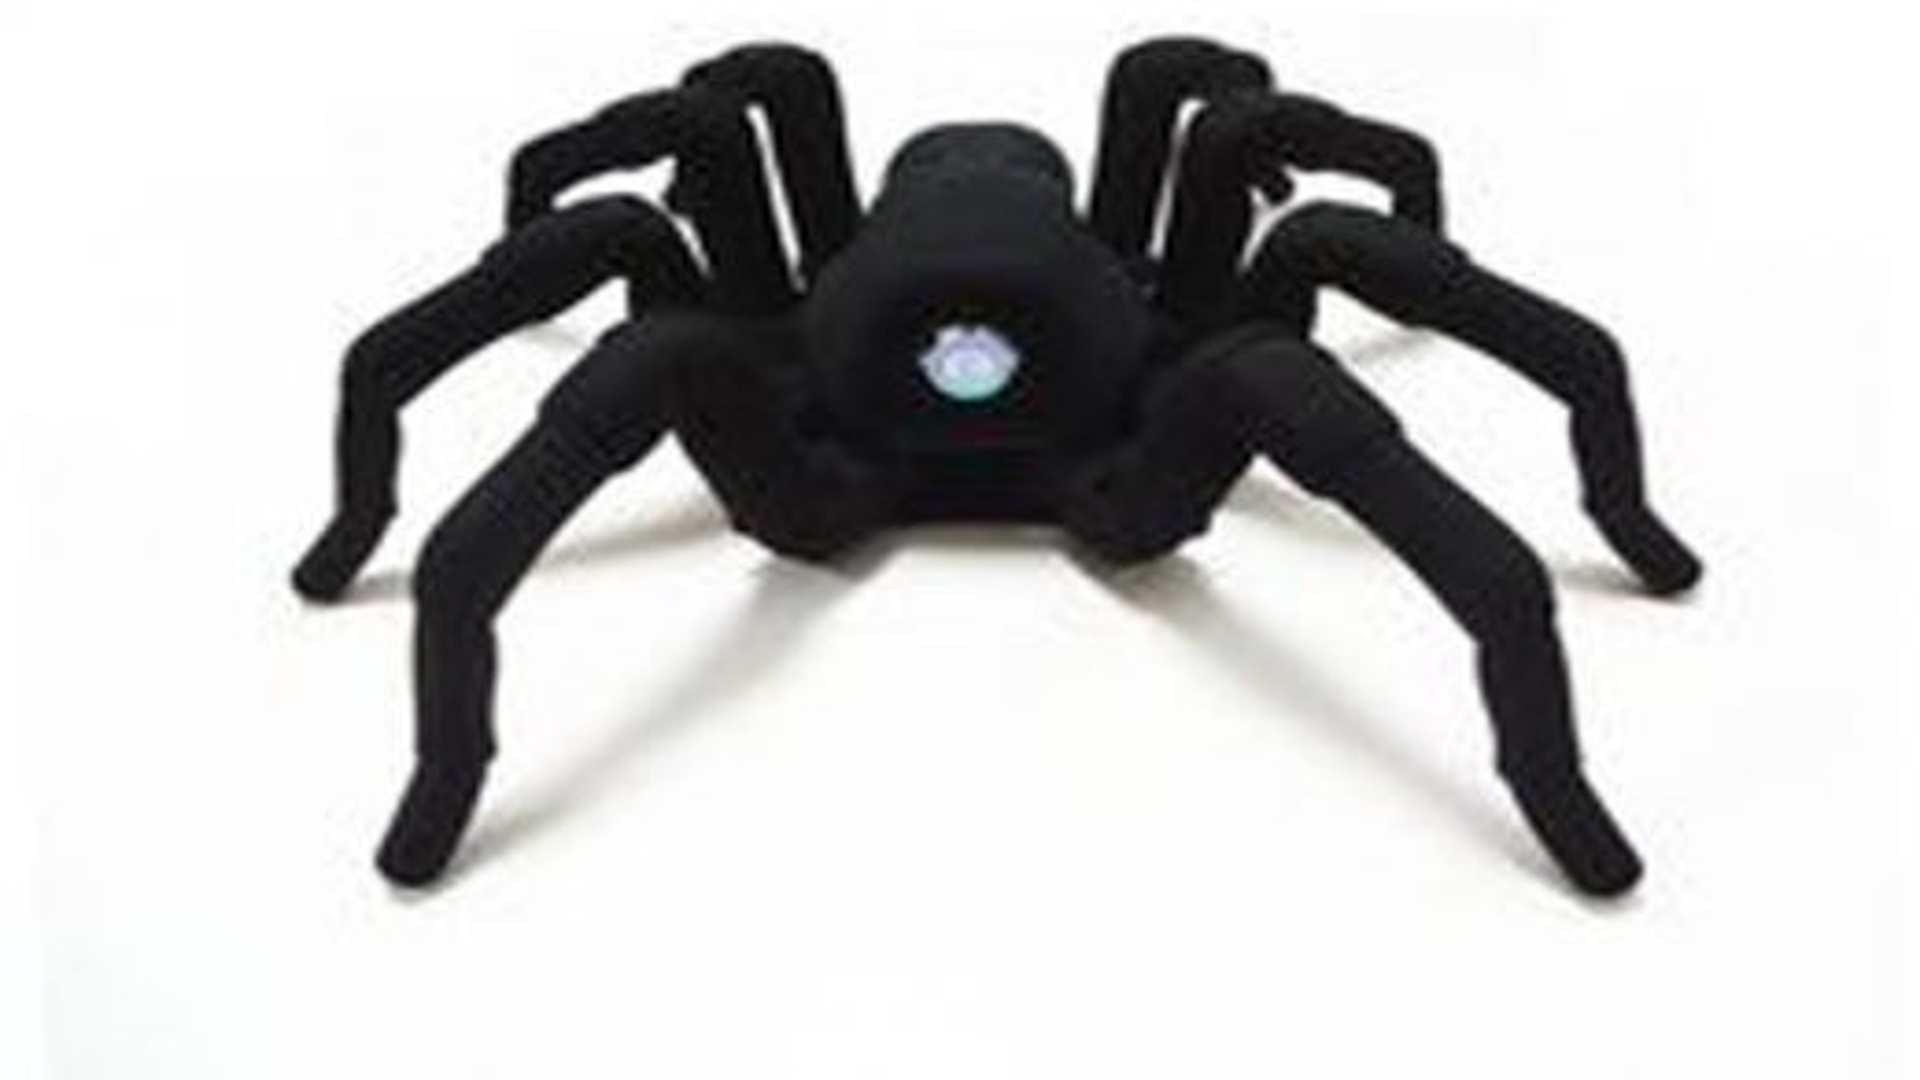 عنکبوت-تی-8 | تگ